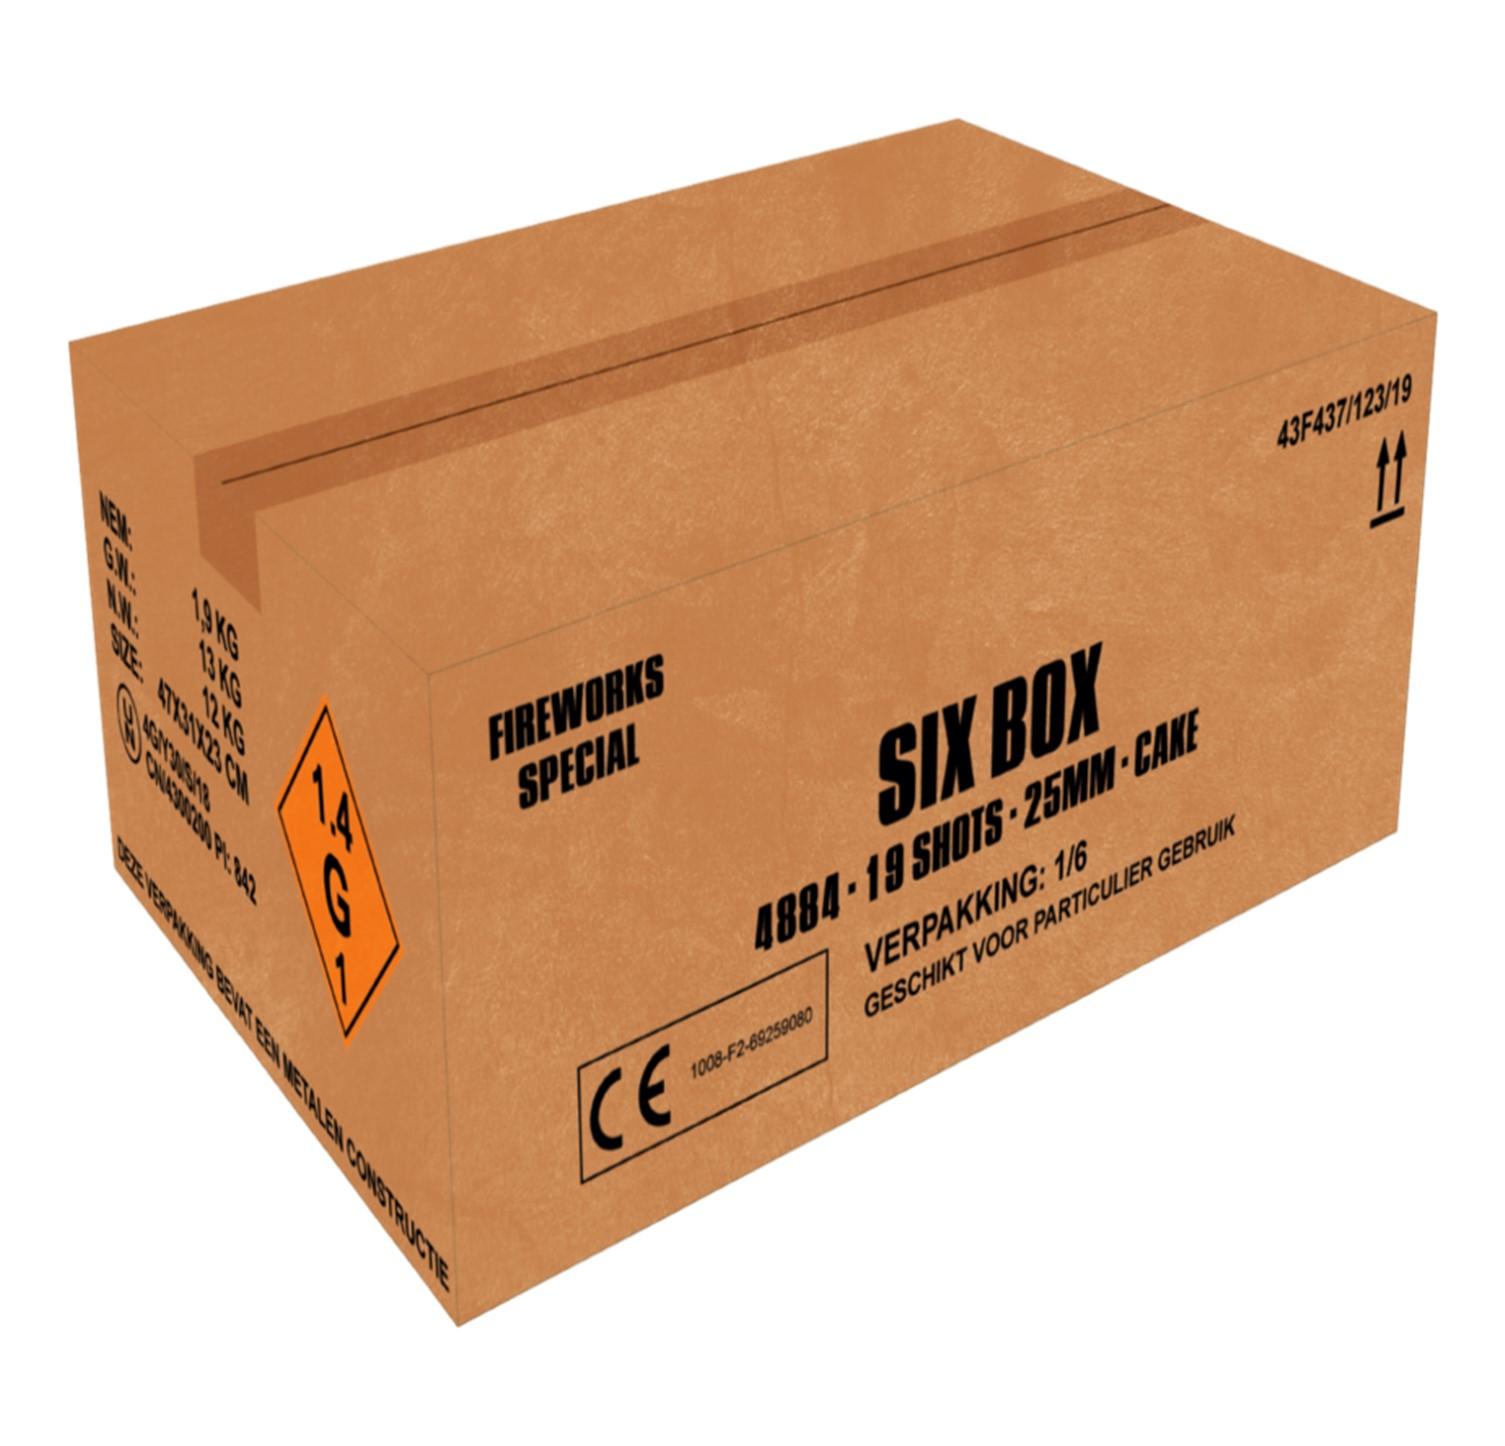 ART. 4884 SIX ASS. BOX, 6 X 19 ASS. BOX. NIEUW!